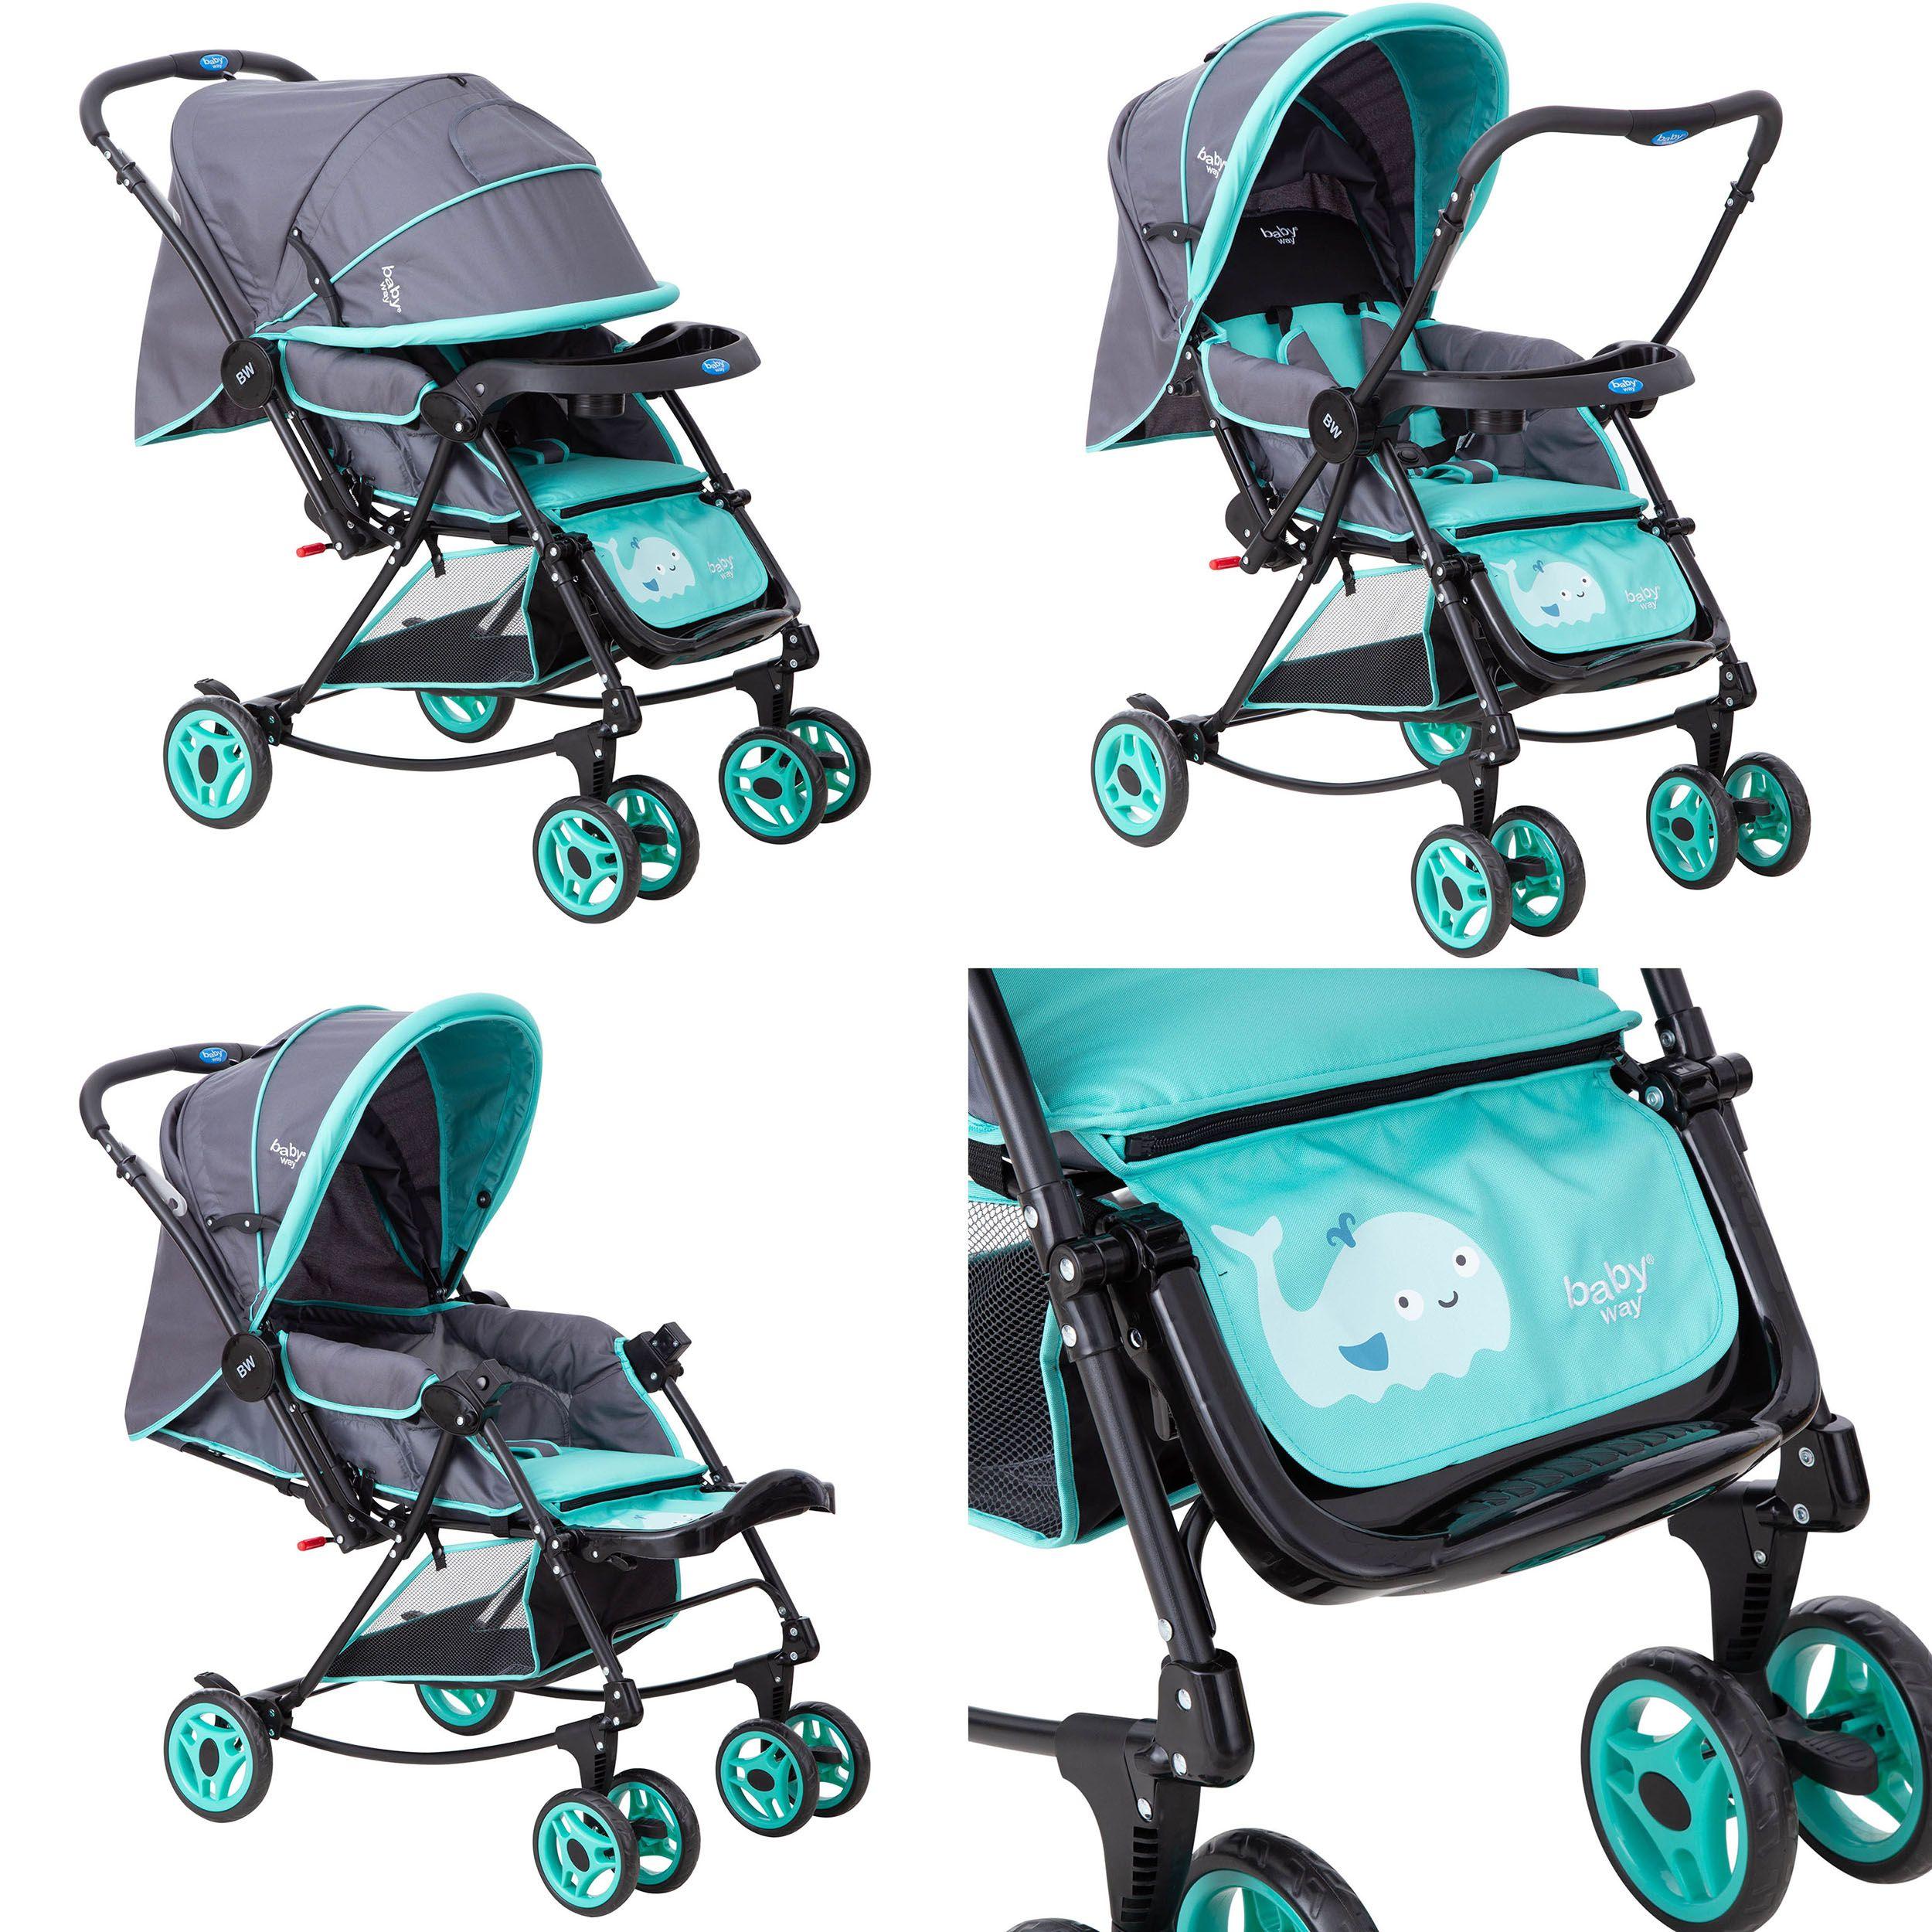 Coche Cuna Balancin Baby Way Turquesa Bw-305T21